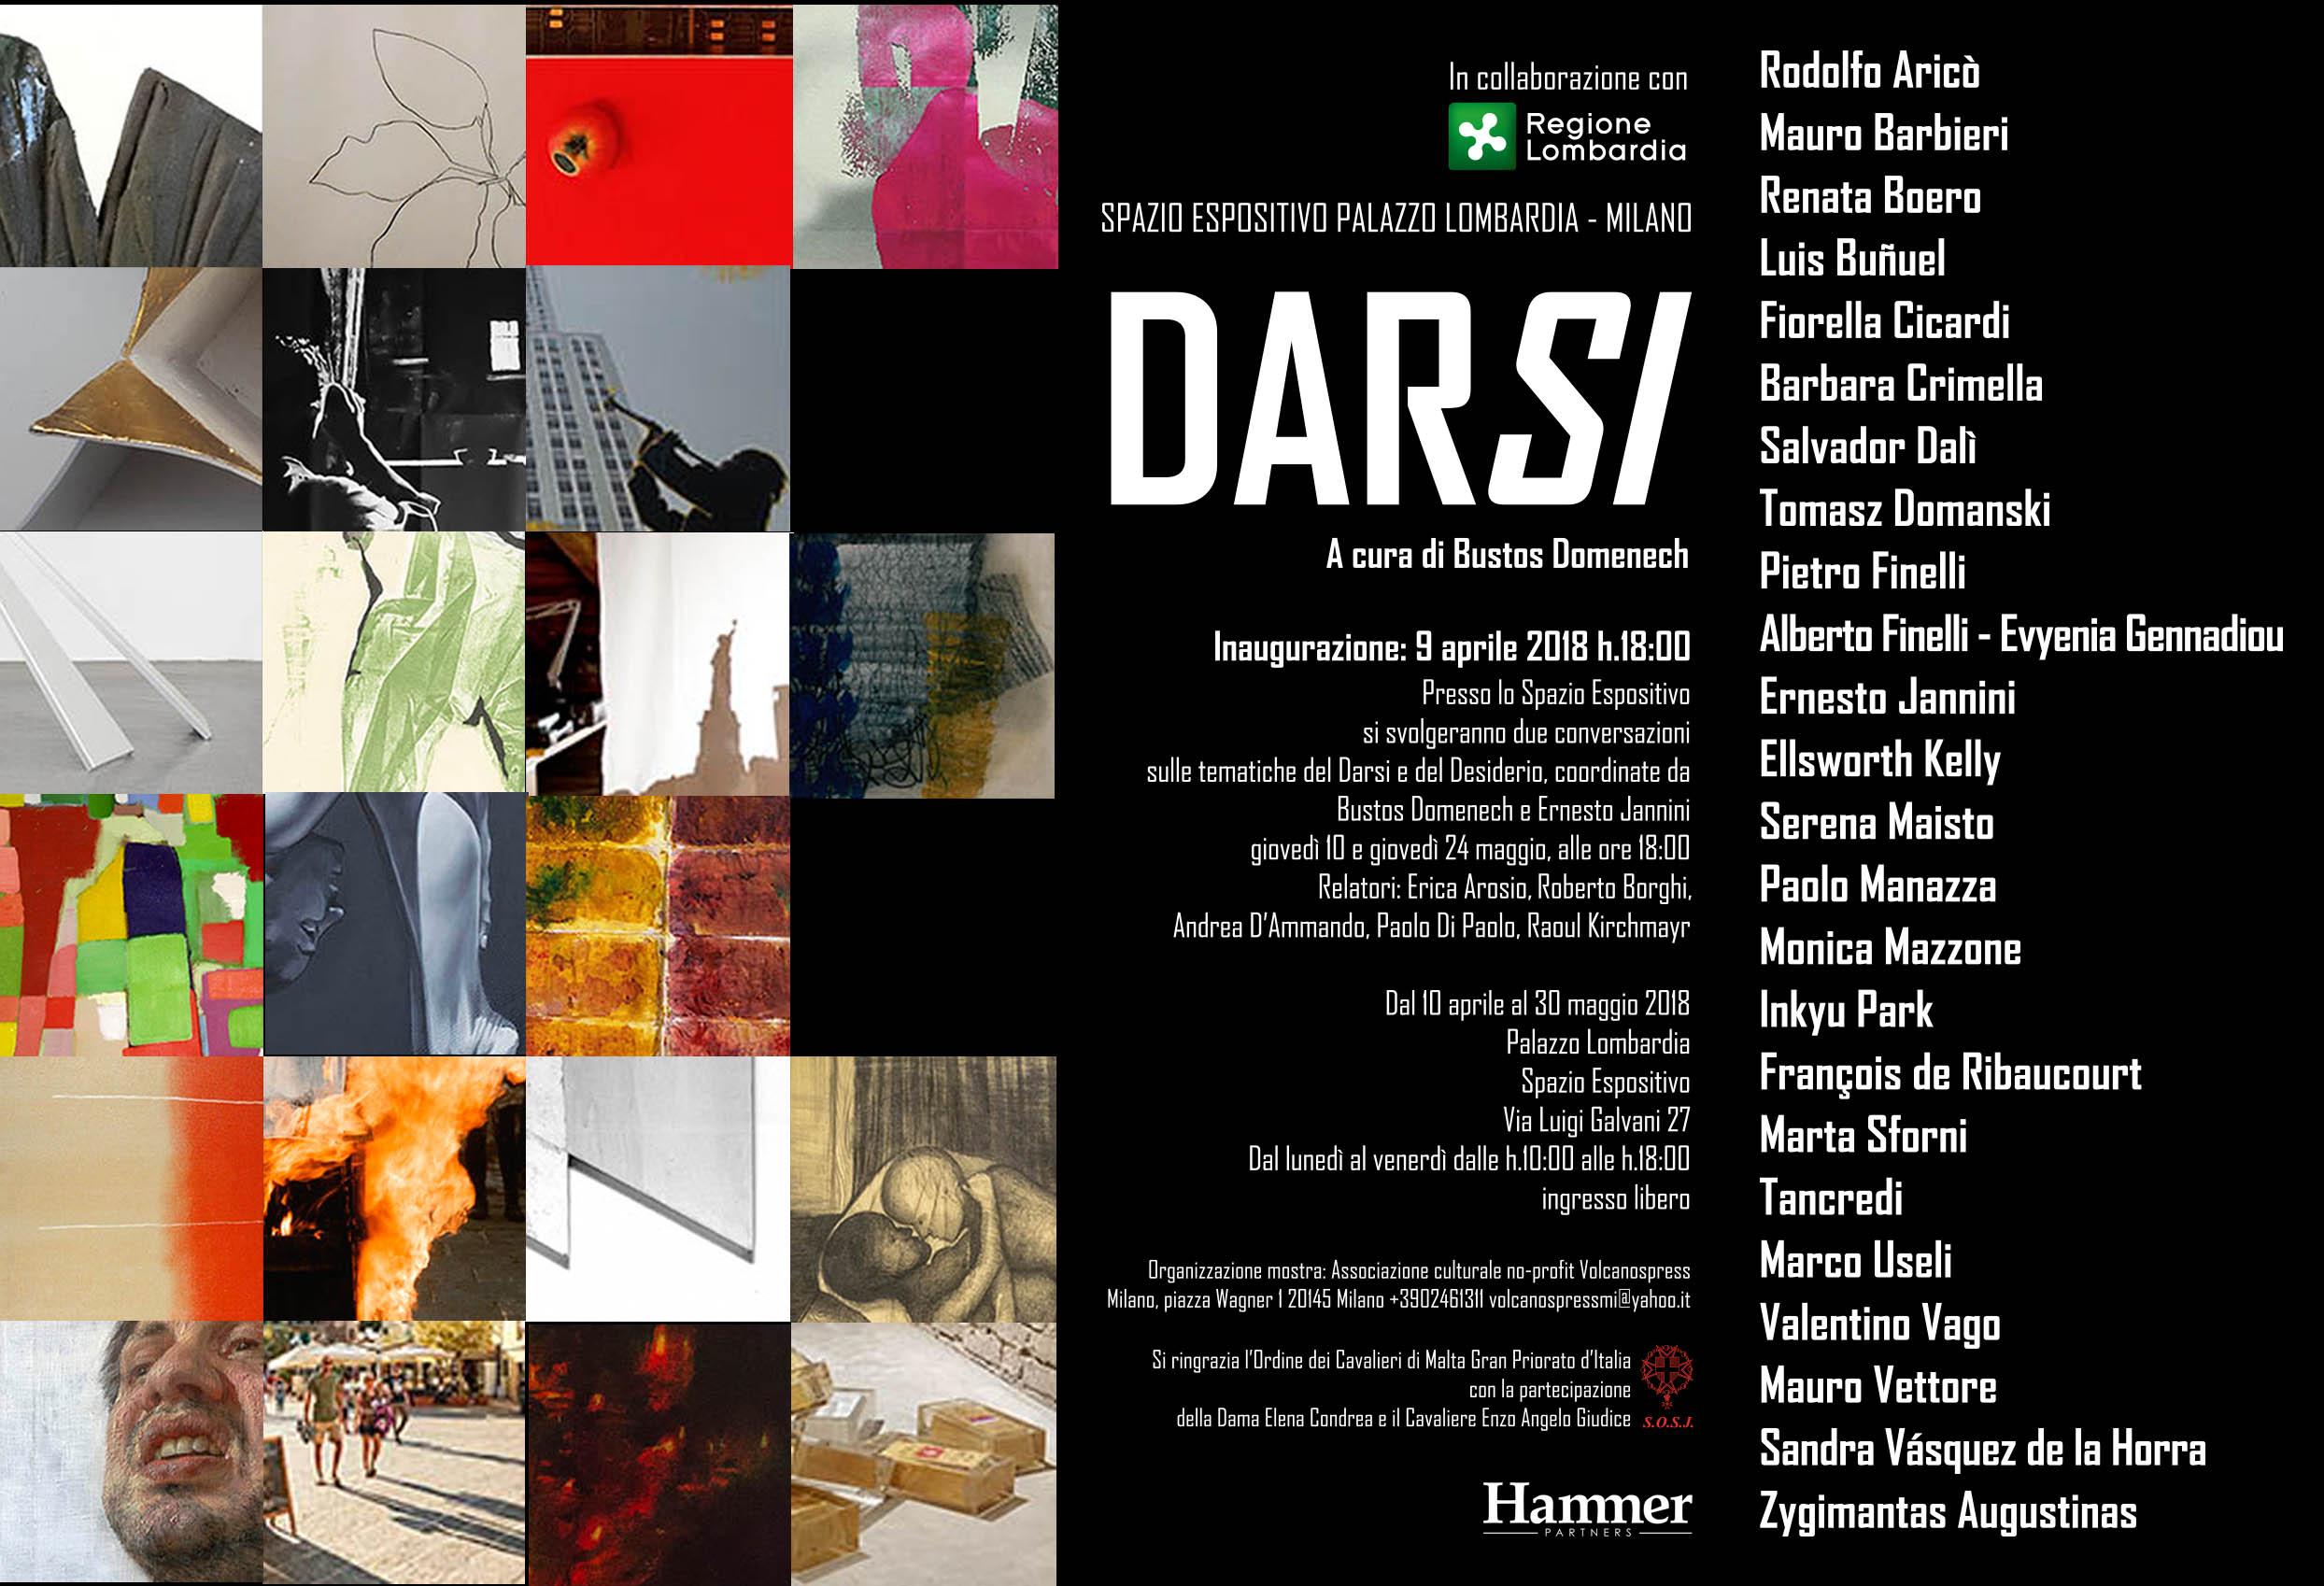 Mostra Design Milano 2018 darsi - mostra internazionale d'arte contemporanea | sandra